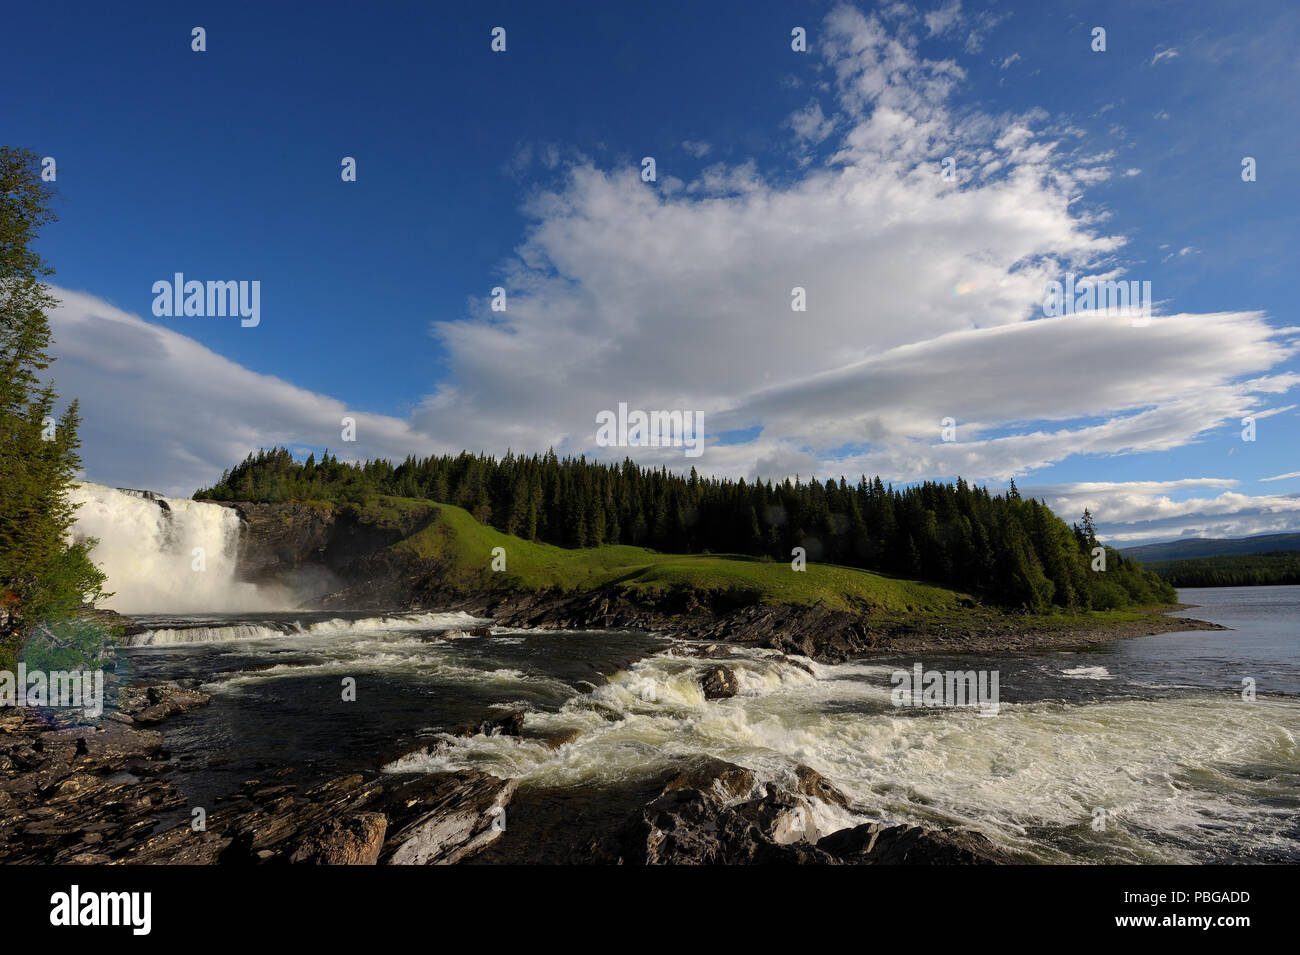 Tännforsen Waterfall in Sweden - Stock Image